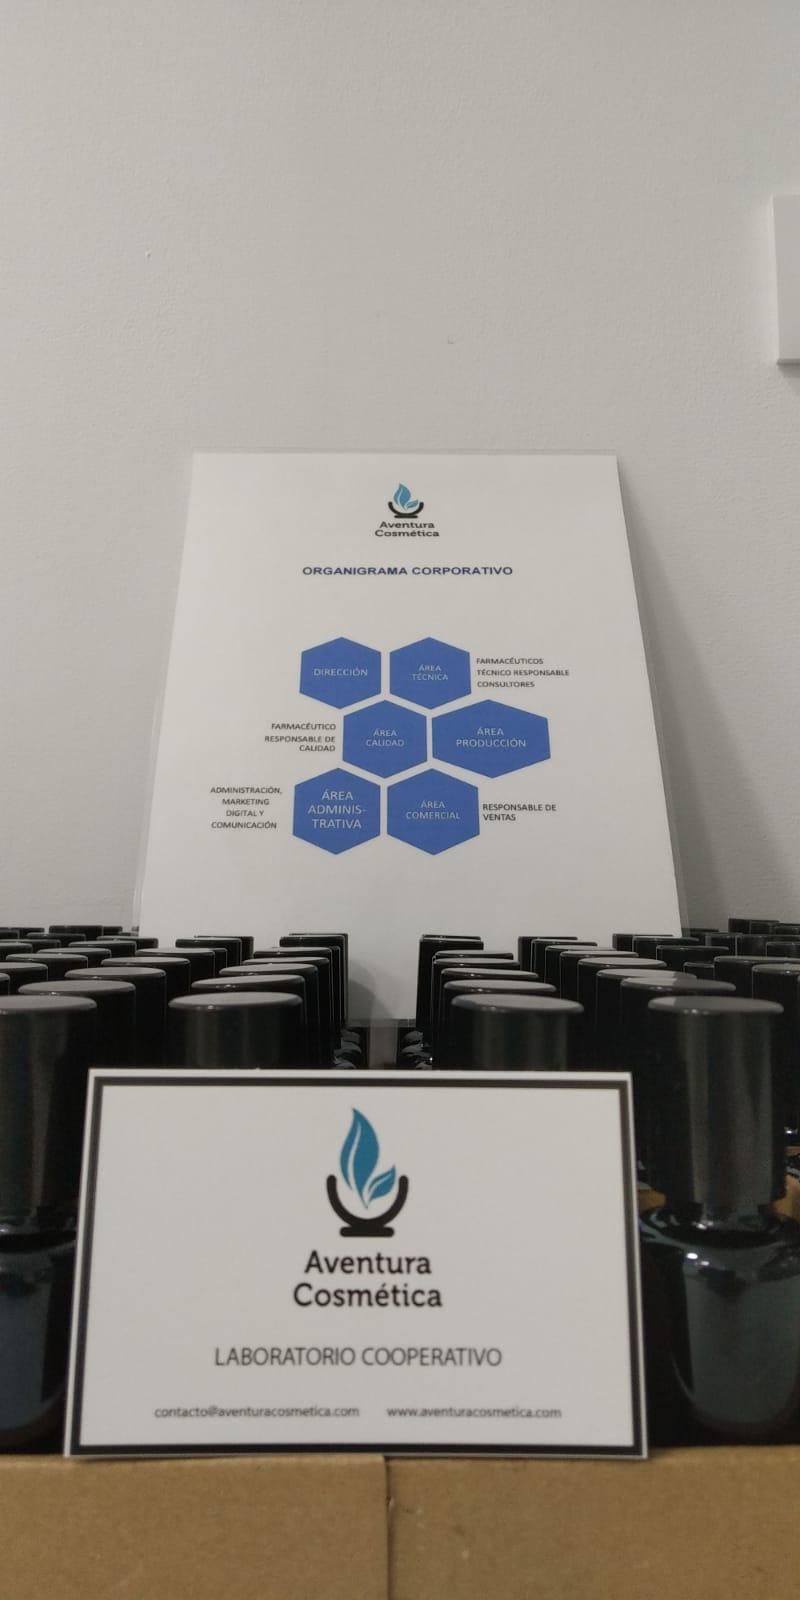 Laboratorio fabricacion a tercero cosmetica natural Aventuracosmetica